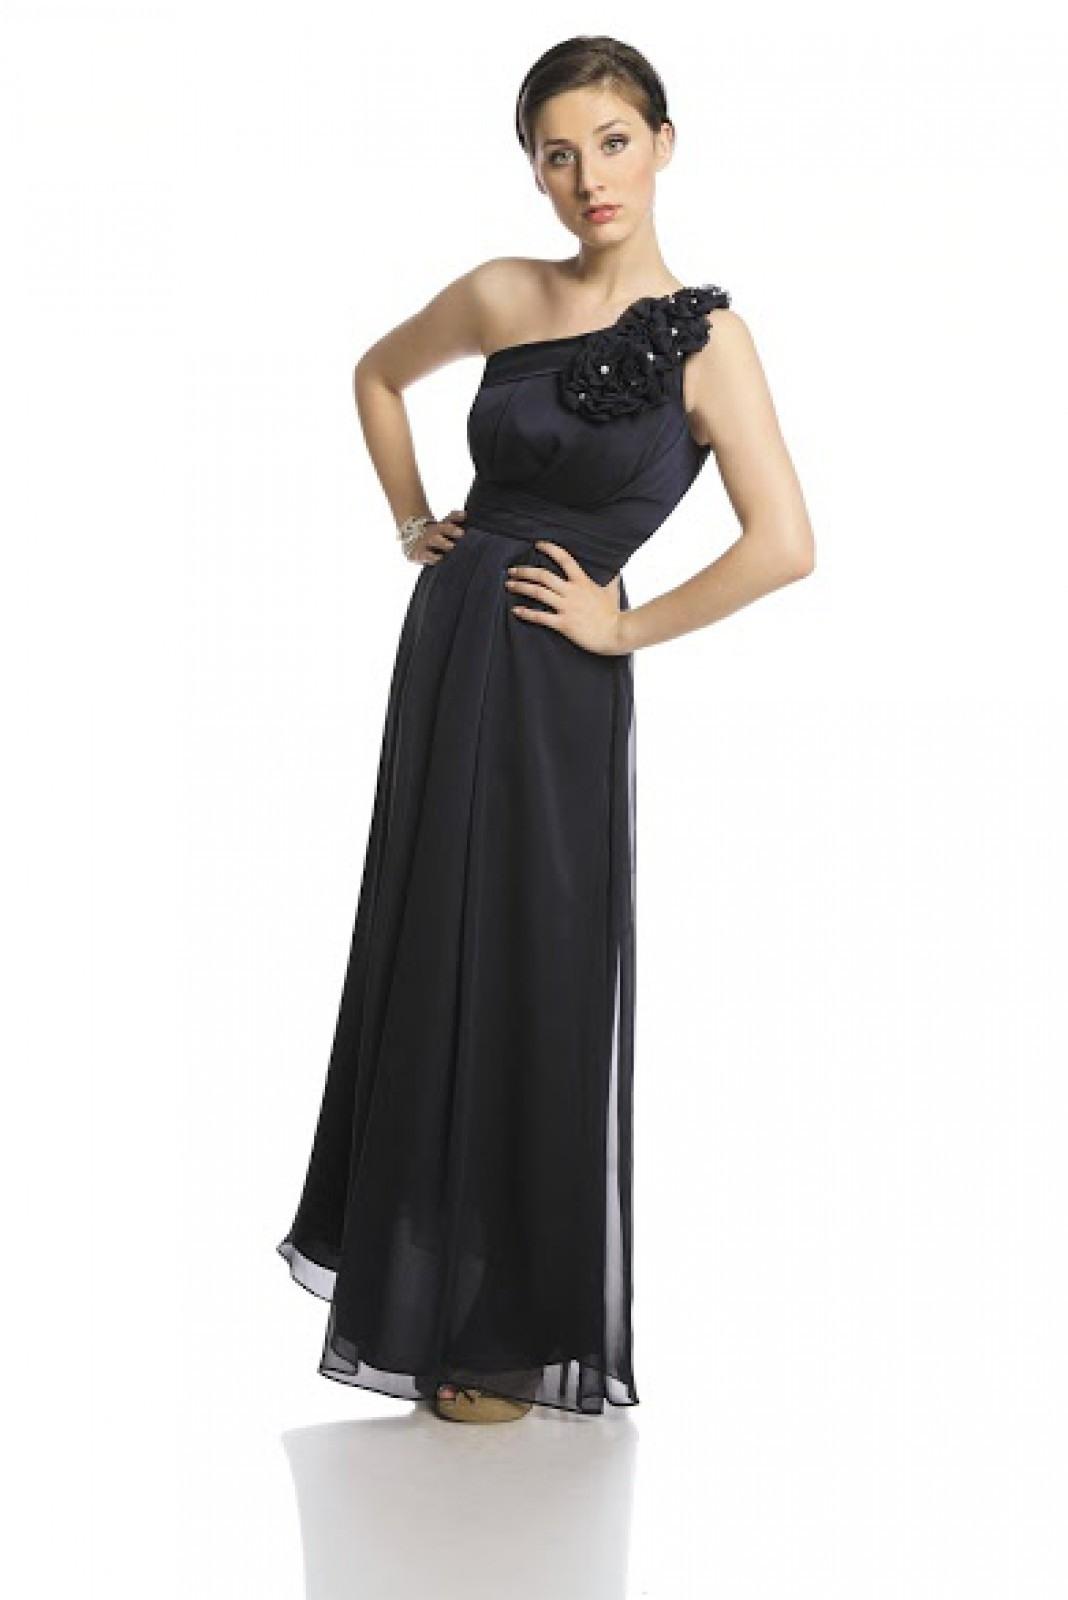 Spektakulär Abendkleider In A Form Stylish Wunderbar Abendkleider In A Form Ärmel